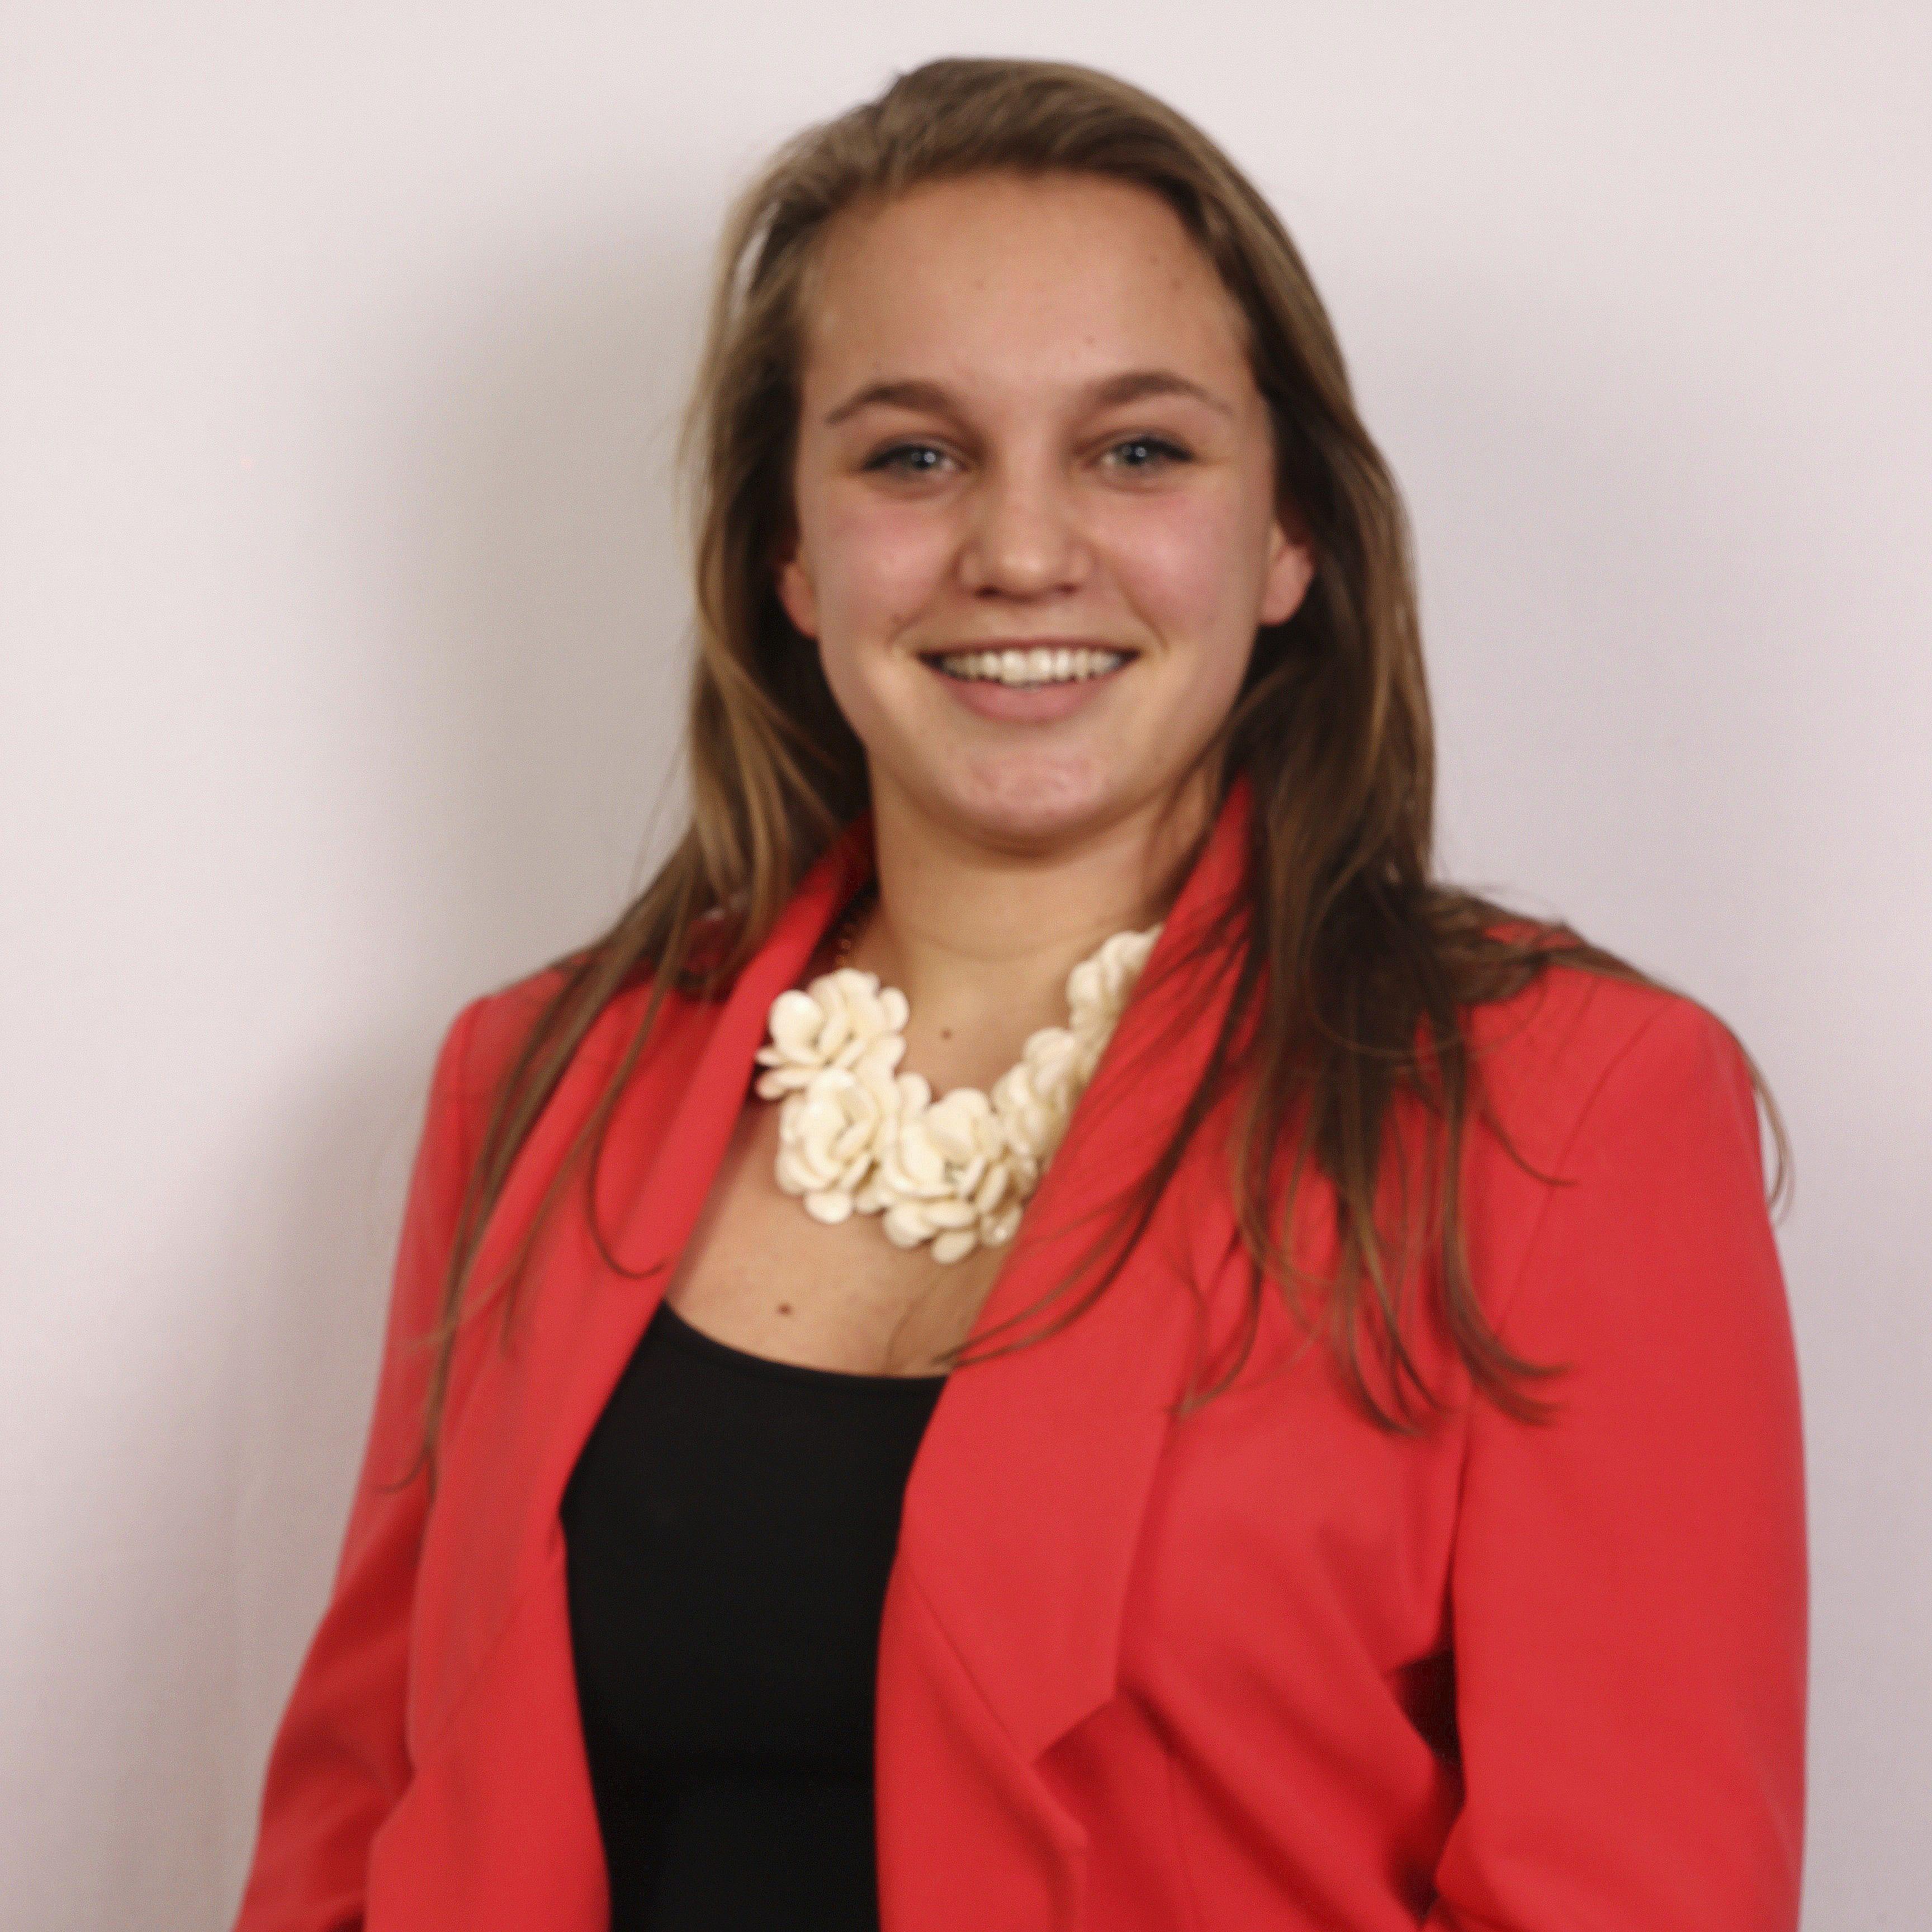 Nicole Numrich